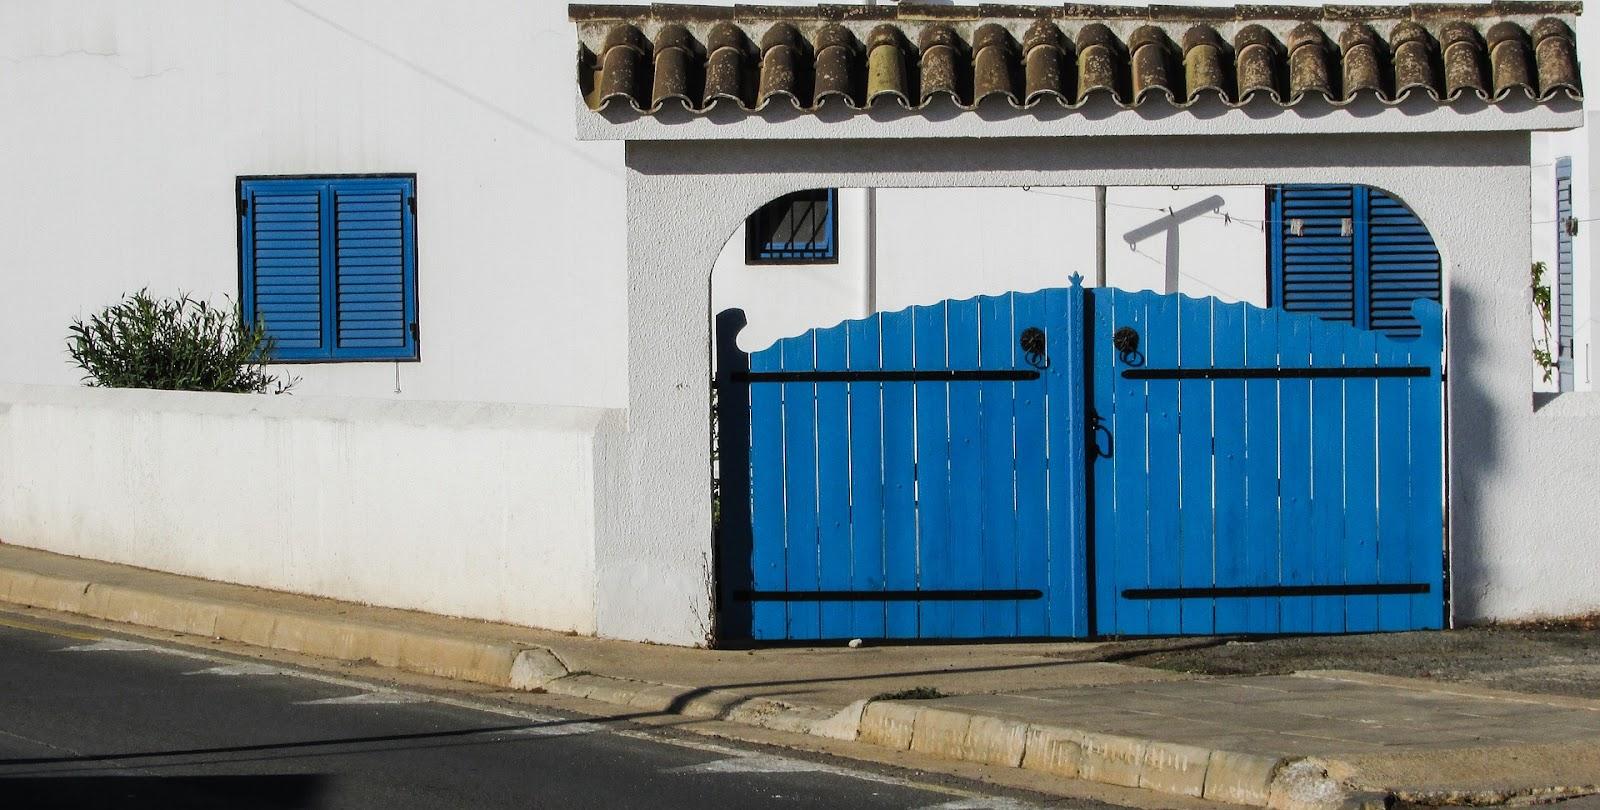 синие ворота в заборе